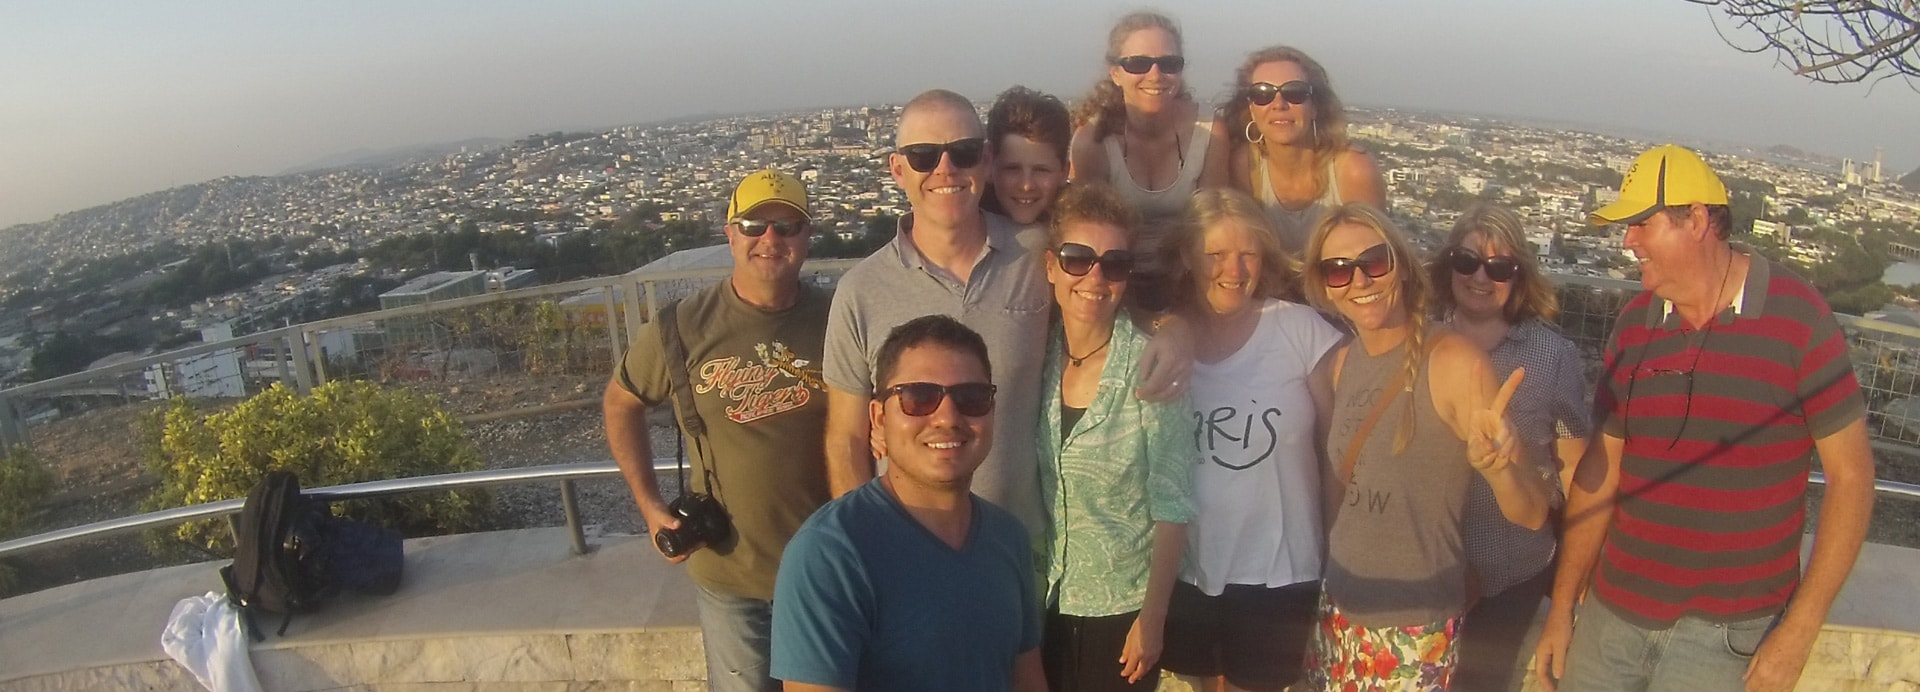 My trip to Ecuador